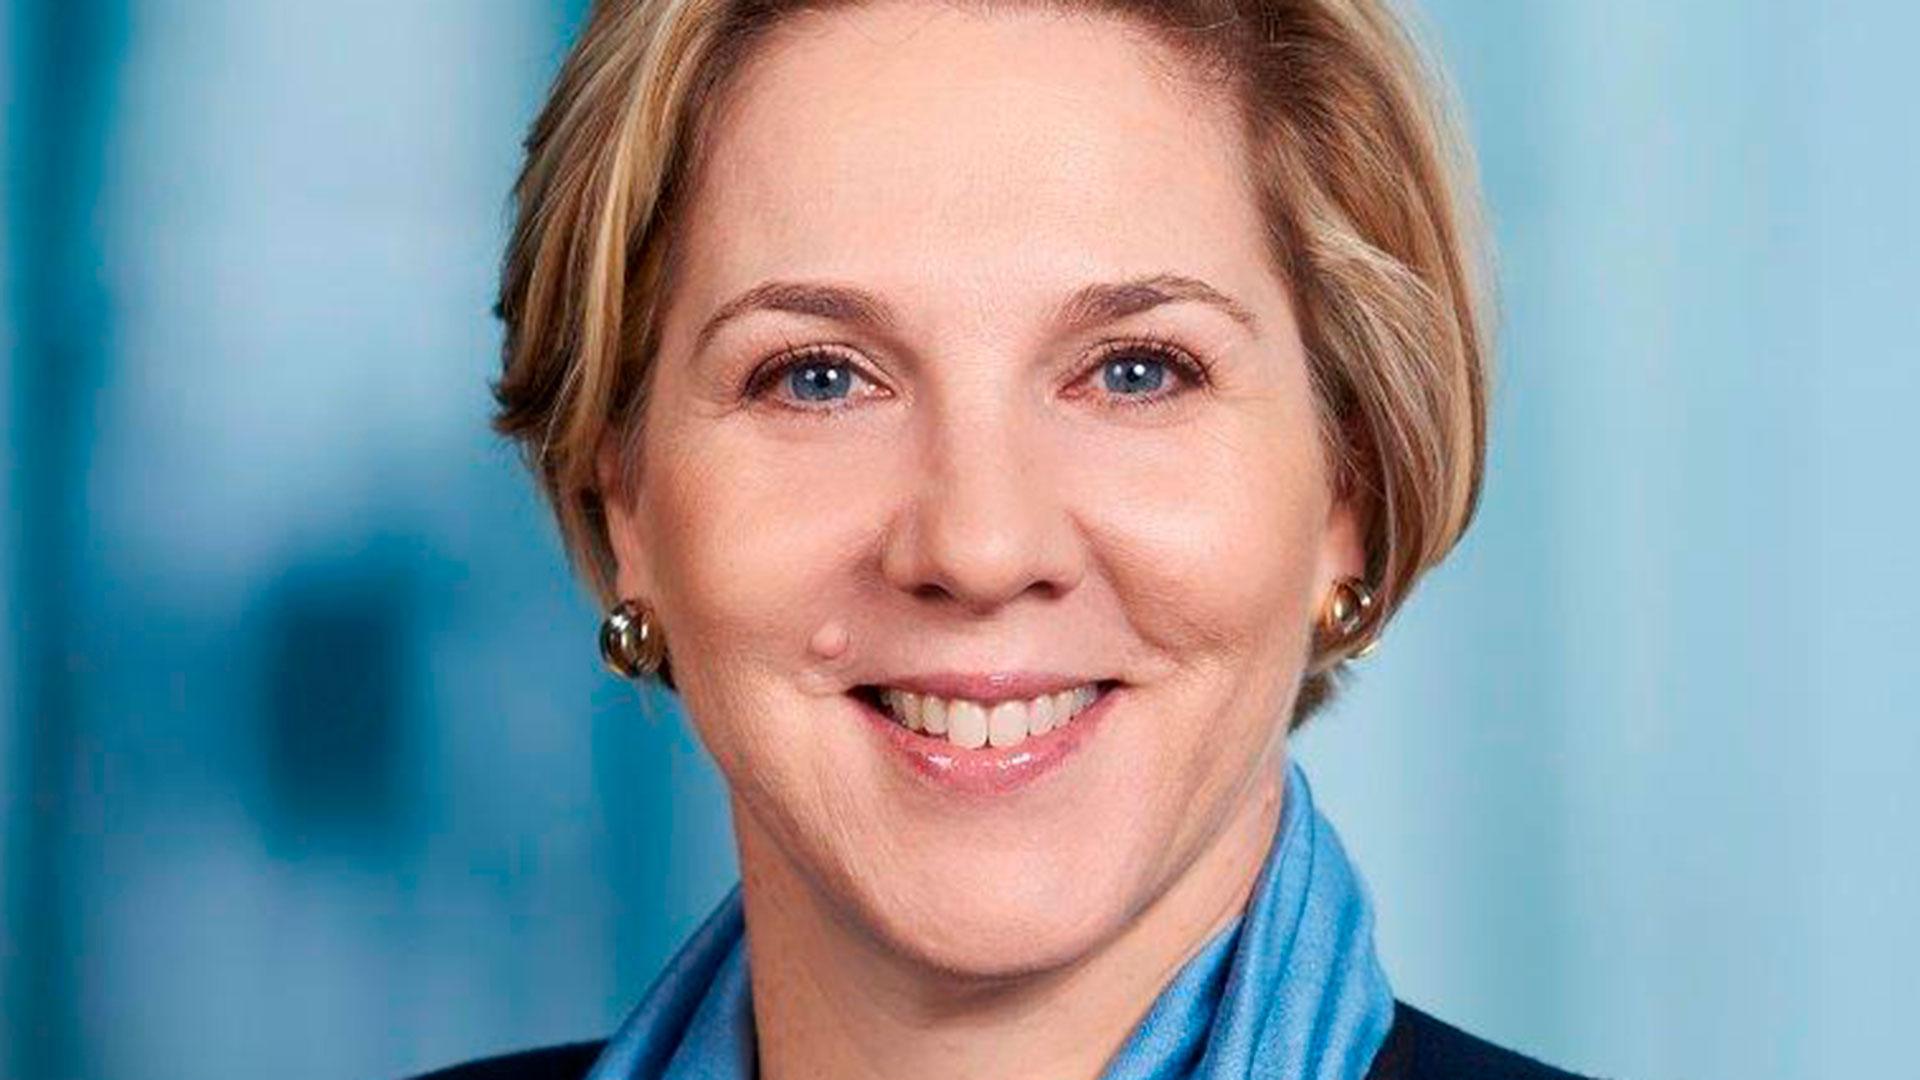 La junta del fabricante de vehículos eléctricos y paneles solares nombró a la ejecutiva australiana de las telecomunicaciones Robyn Denholm como presidenta, con efecto inmediato